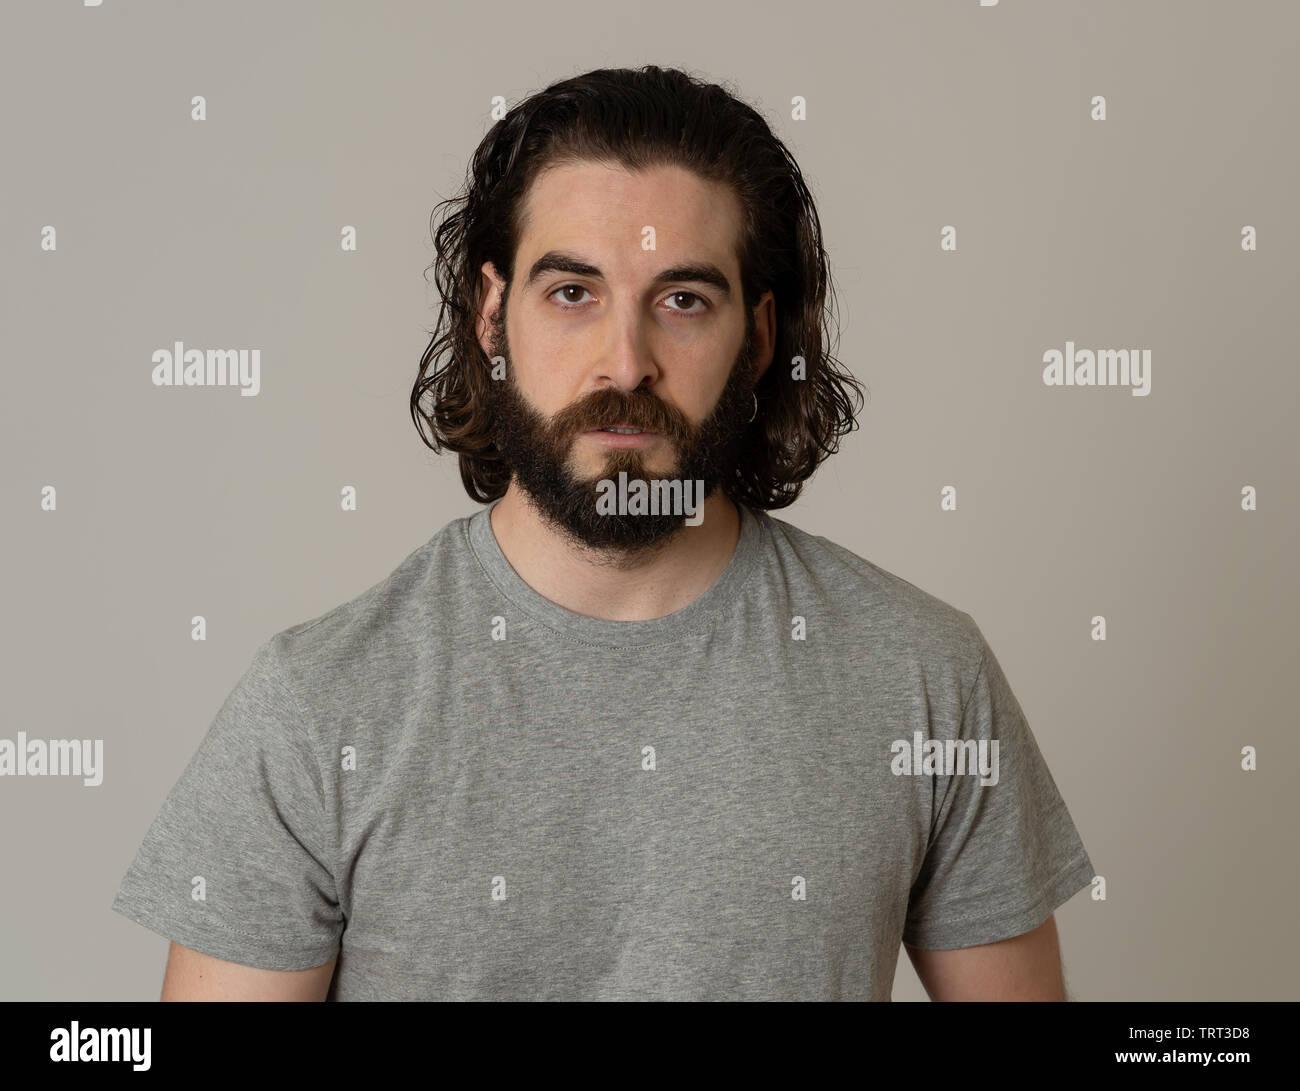 Männer mit bart und langen haaren